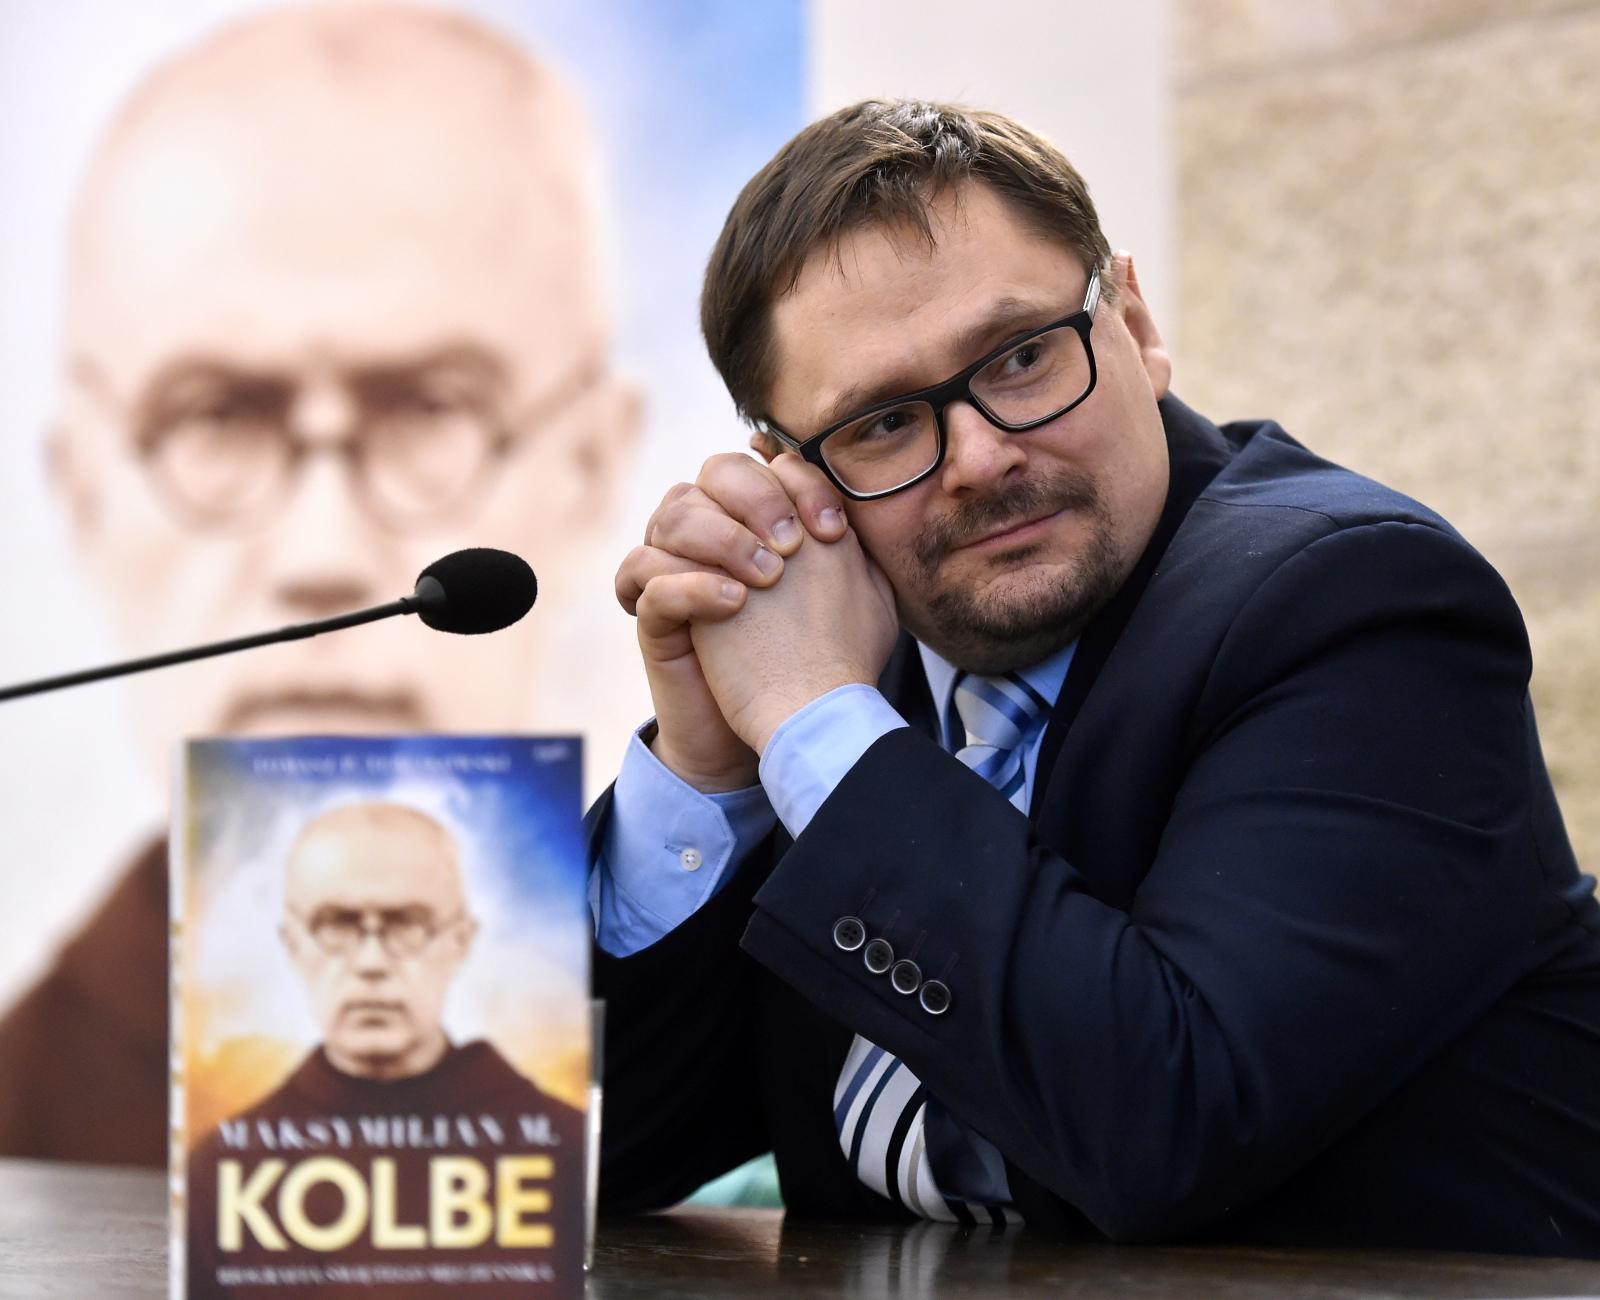 Redaktor Naczelny Telewizji Republika Tomasz Terlikowski podczas spotkania promującego biografię św. Maksymiliana Marii Kolbego